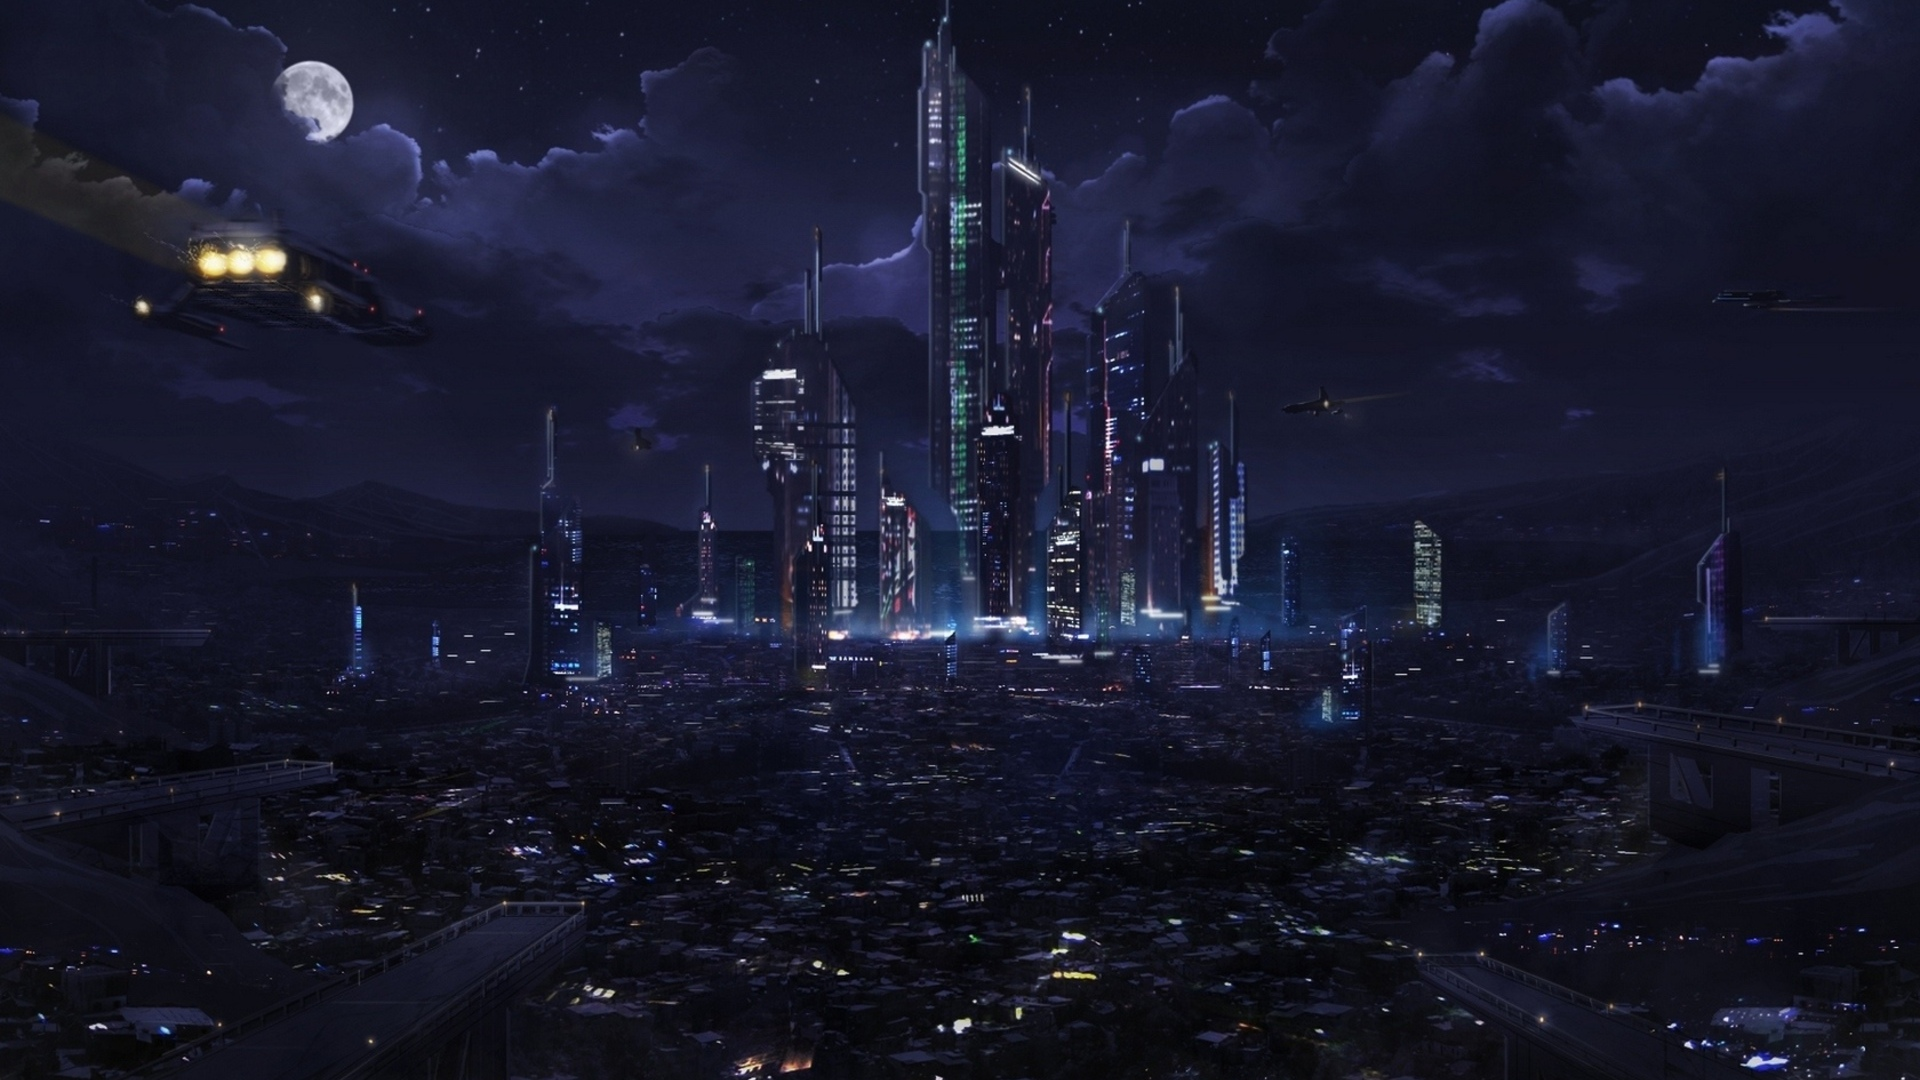 картинки для рабочего стола небо: